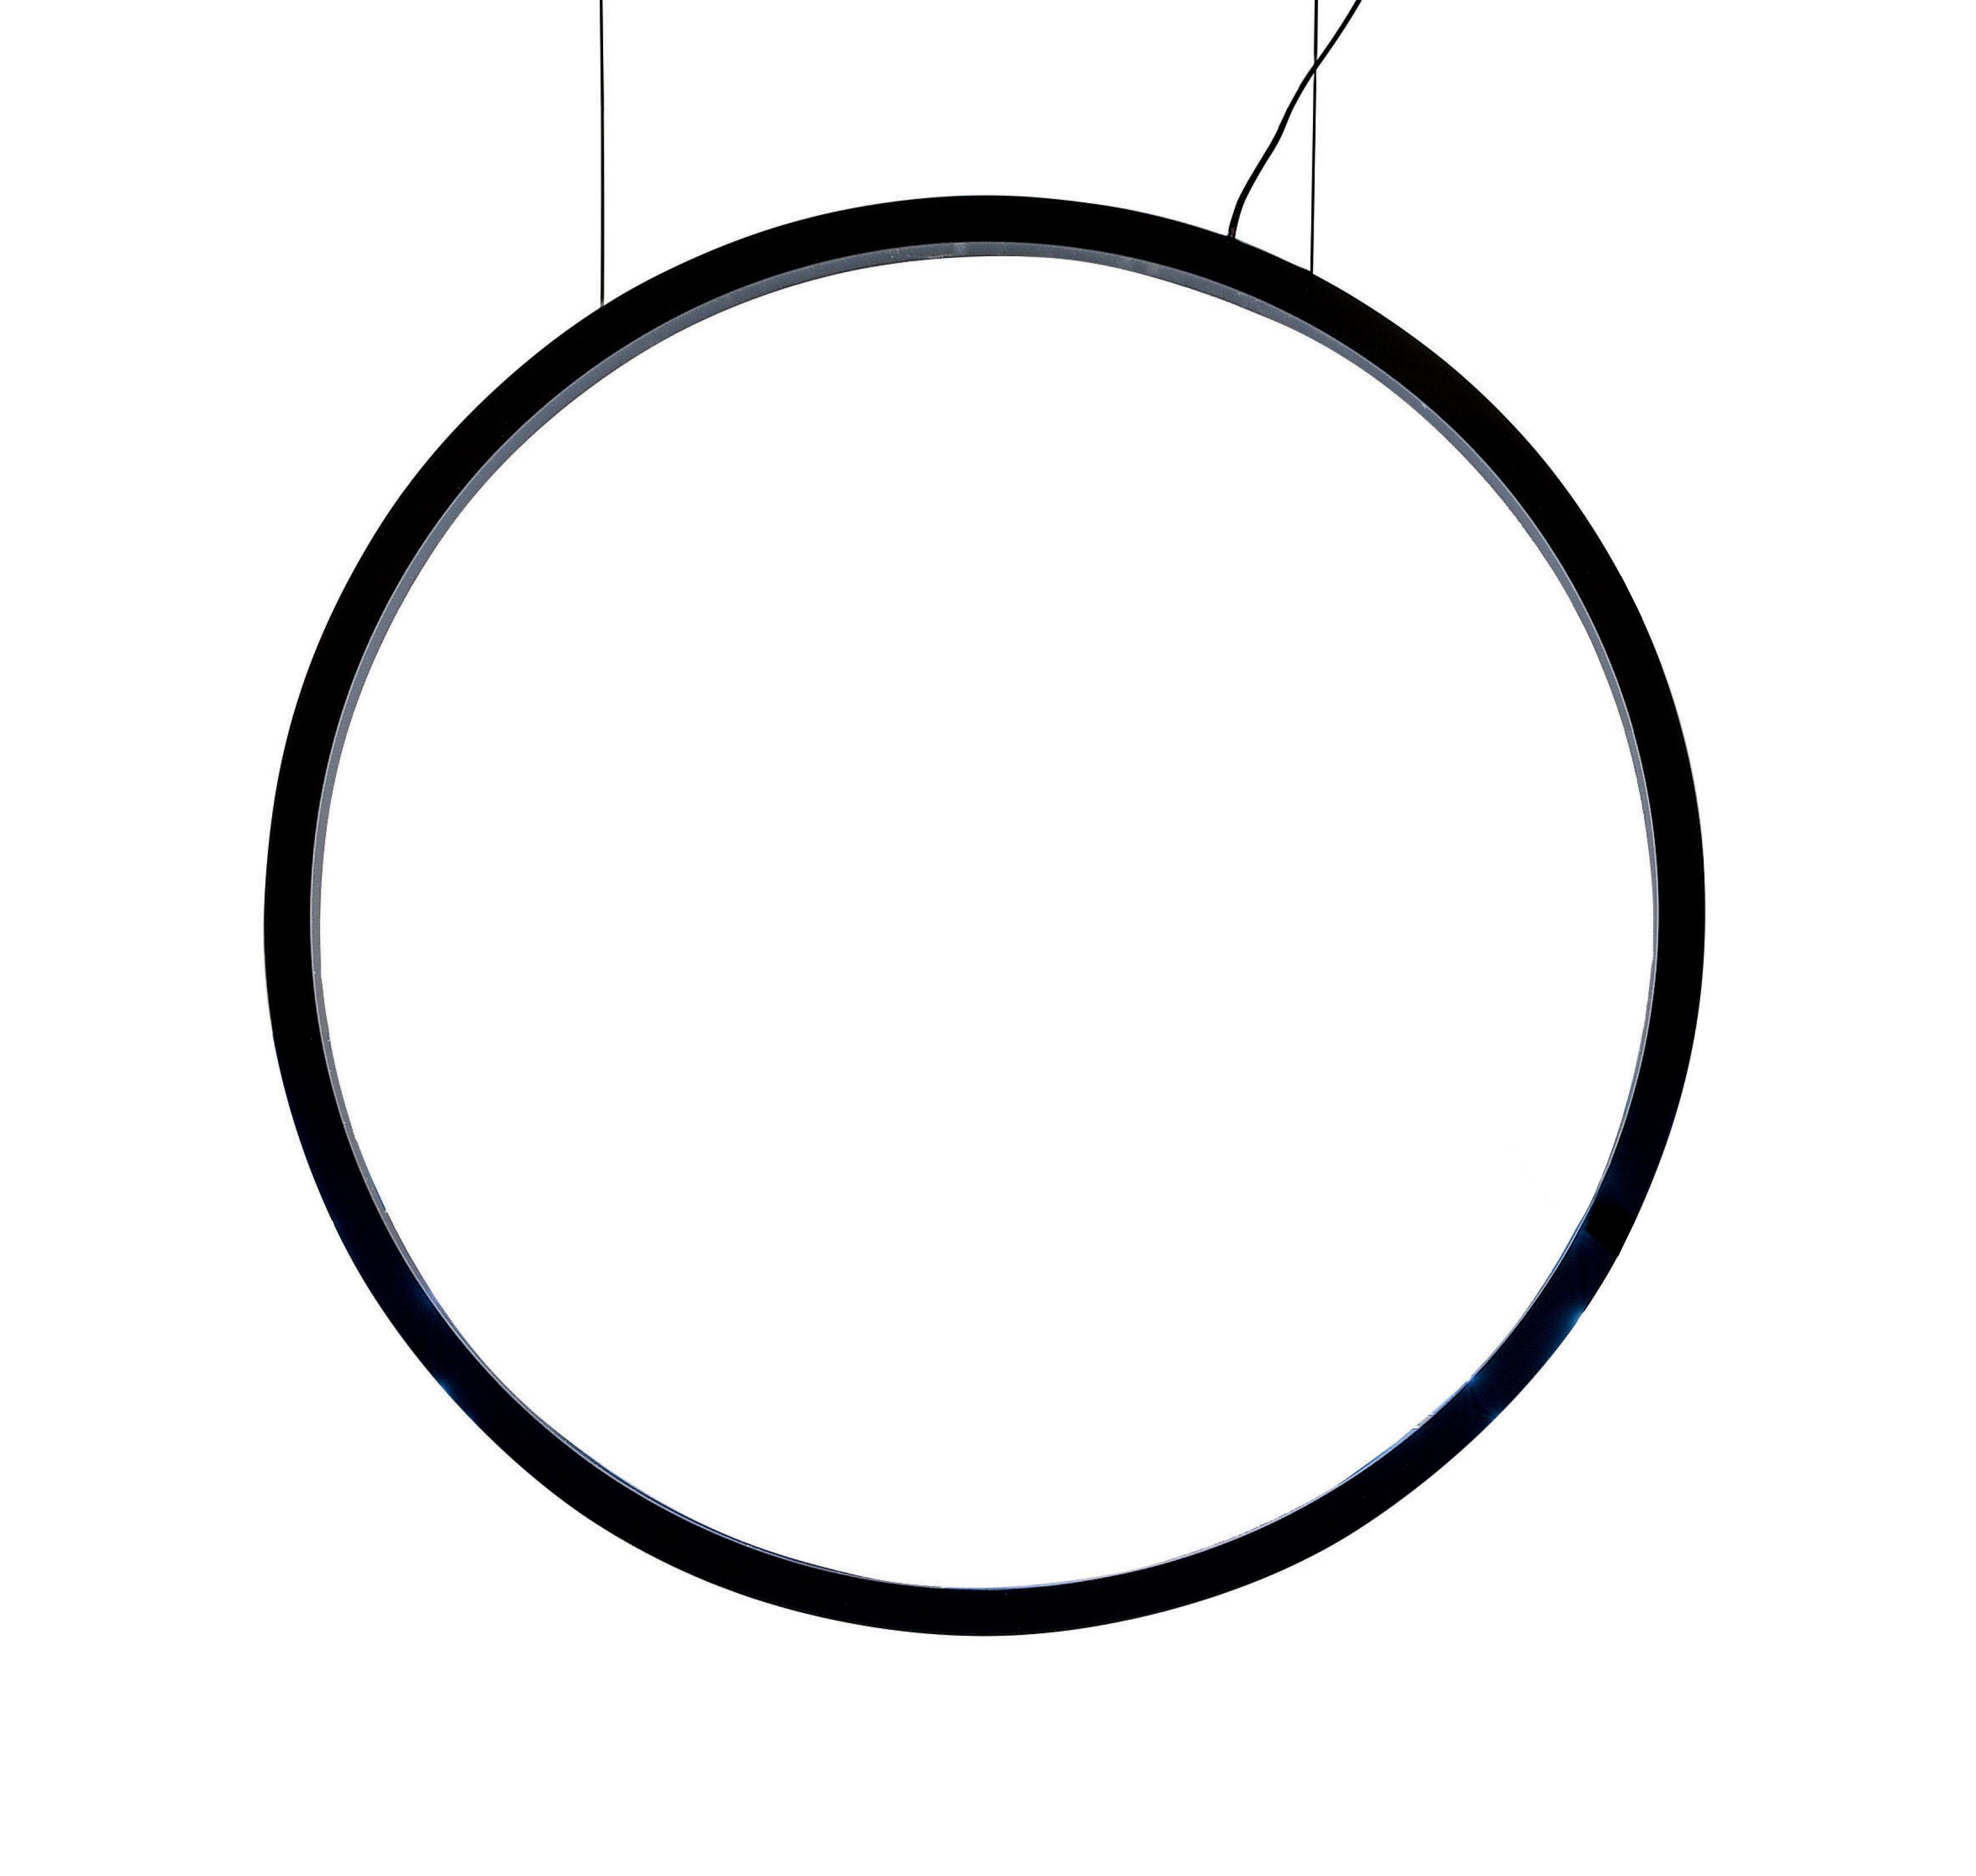 Luminaire - Suspensions - Suspension O / LED - Ø 90 cm - Détecteurs mouvements - Artemide - Noir - Aluminium extrudé